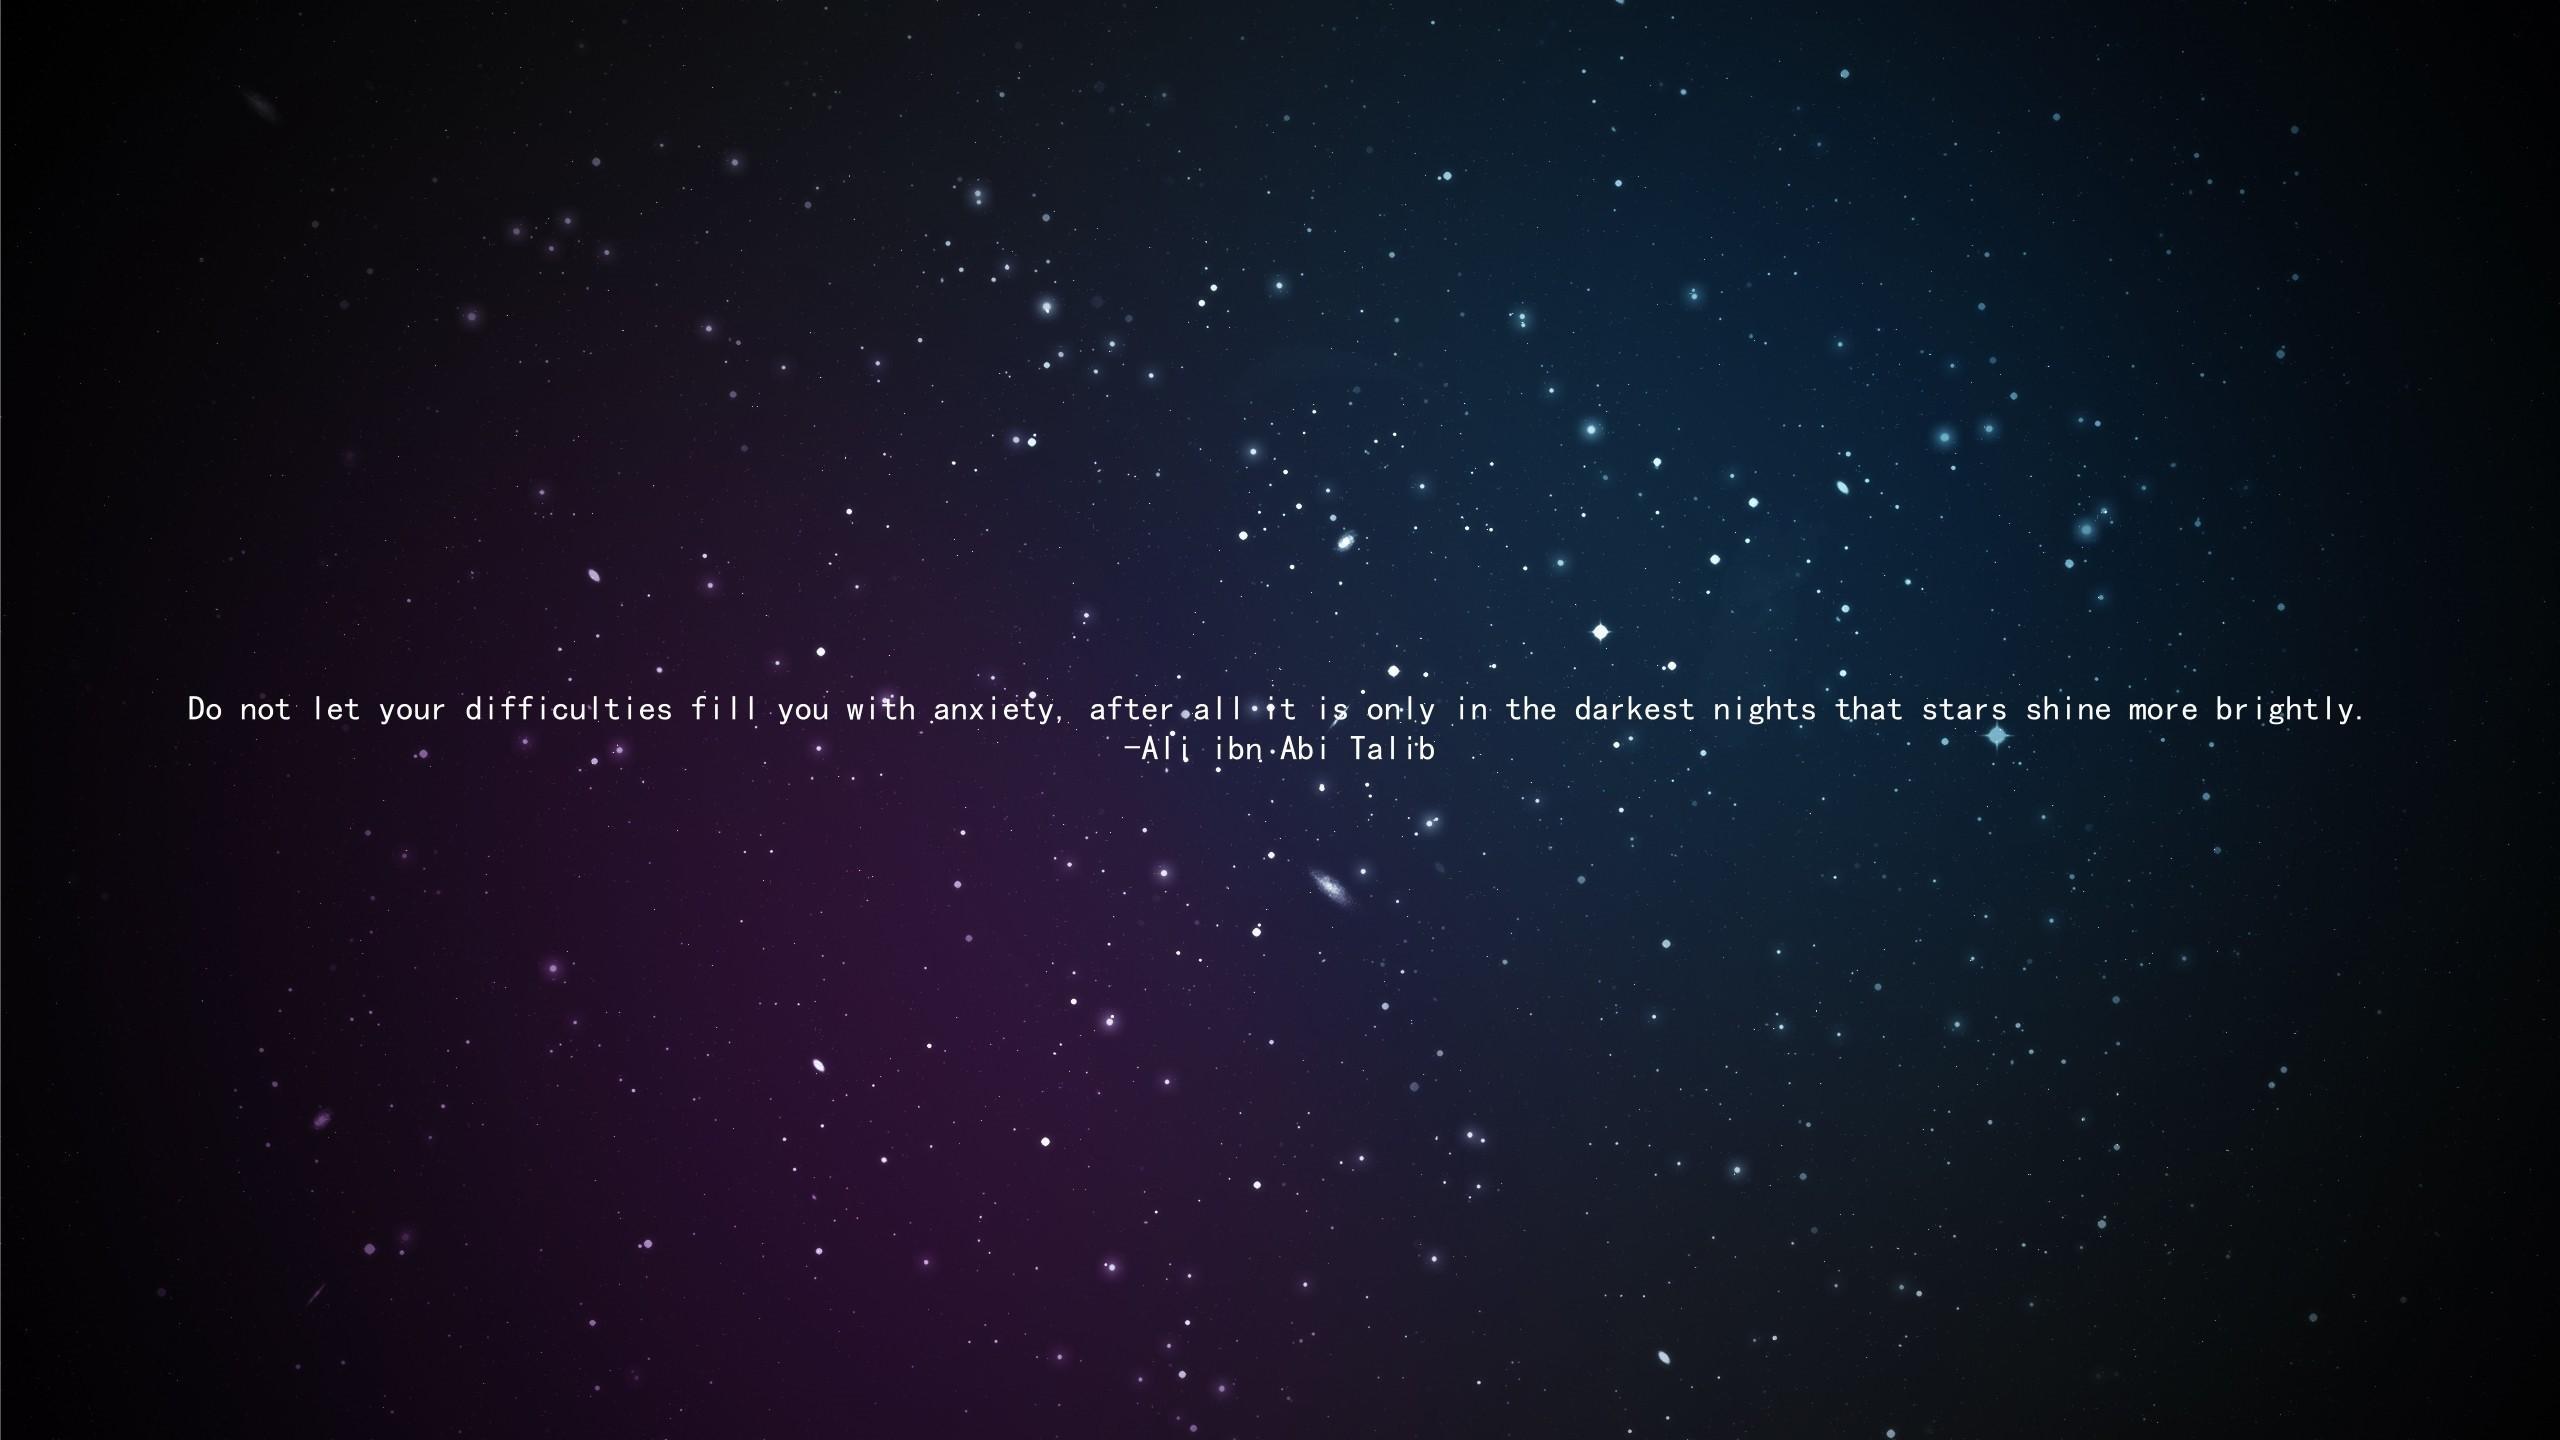 Wallpaper 2560x1440 Px Ali Ibn Abi Talib Imam Islam Quote Space Stars 2560x1440 Goodfon 656150 Hd Wallpapers Wallhere